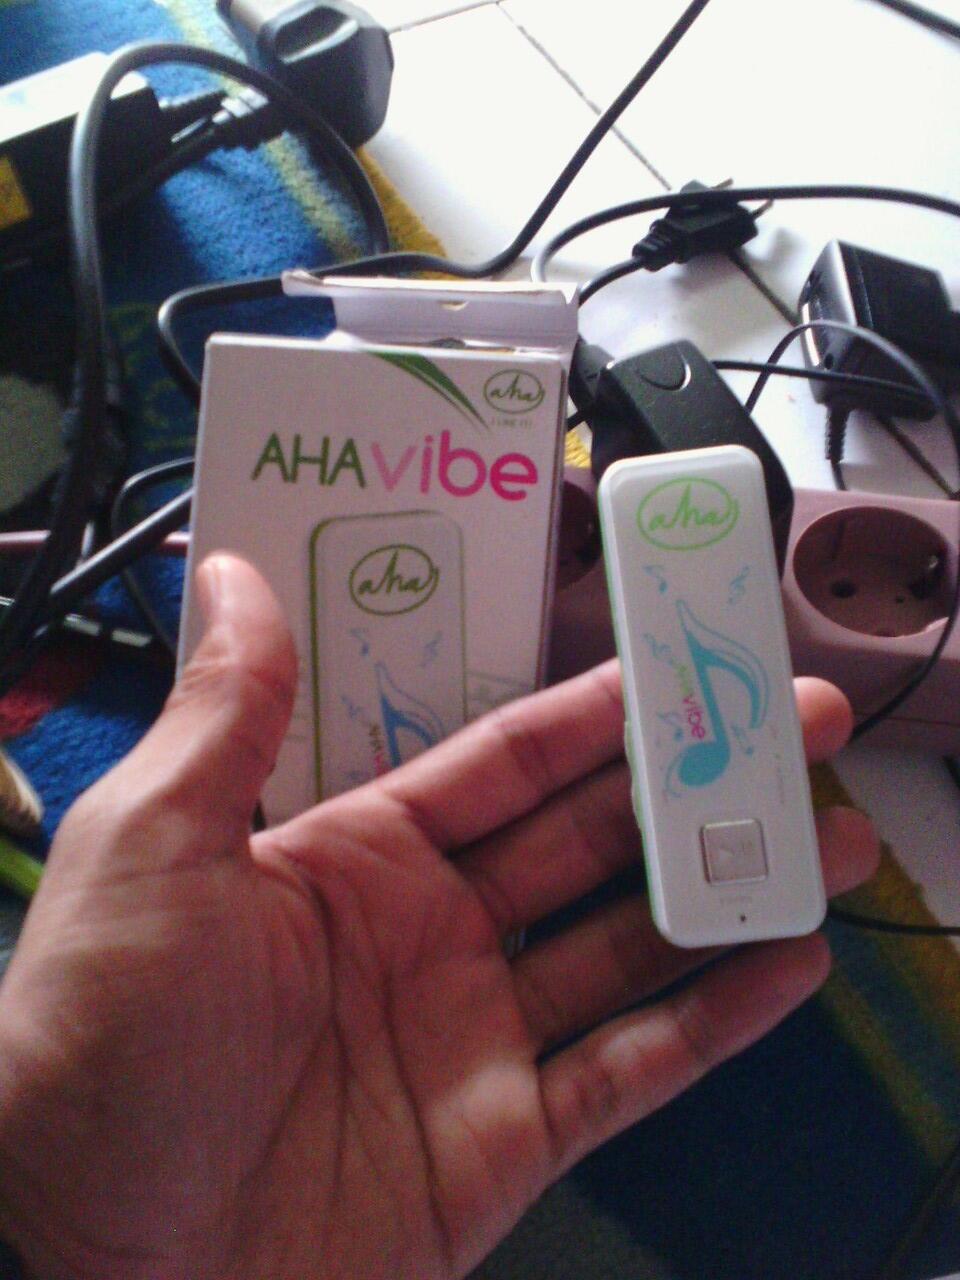 modem CDMA AHA Vive